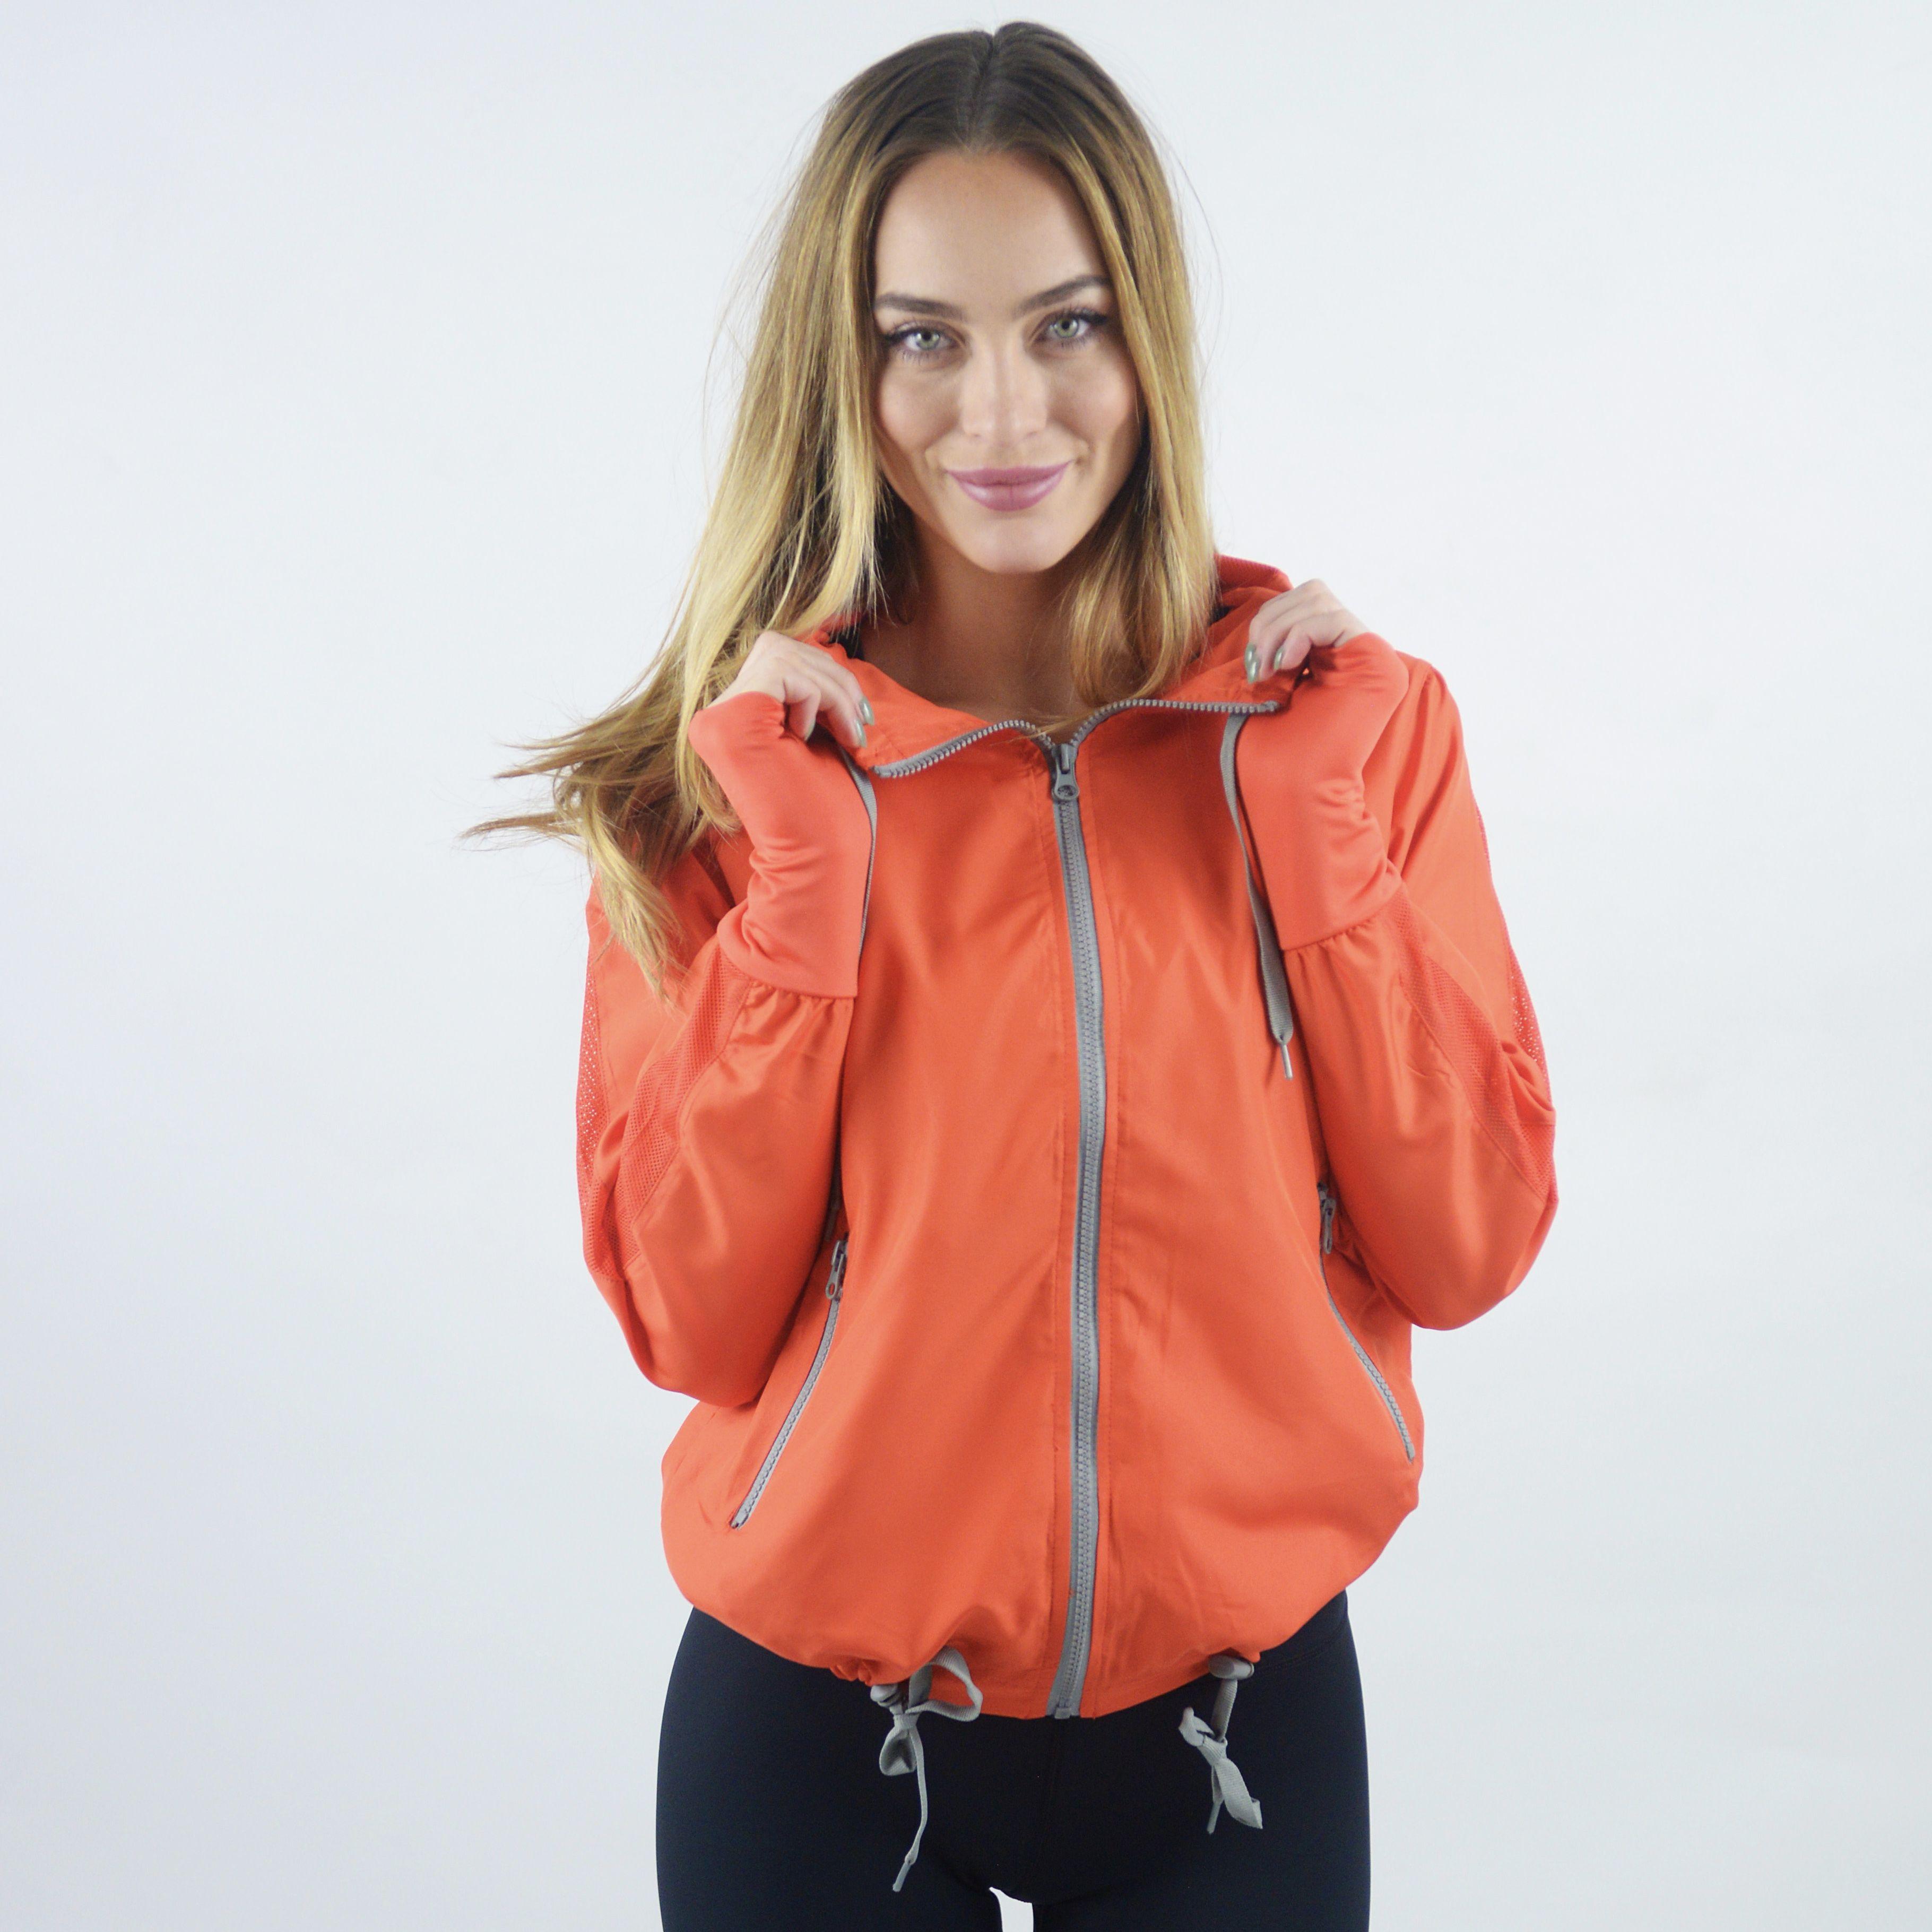 Tangerine Bomber Jacket Zyia Bomber Jacket Jackets Athletic Jacket [ 3641 x 3641 Pixel ]